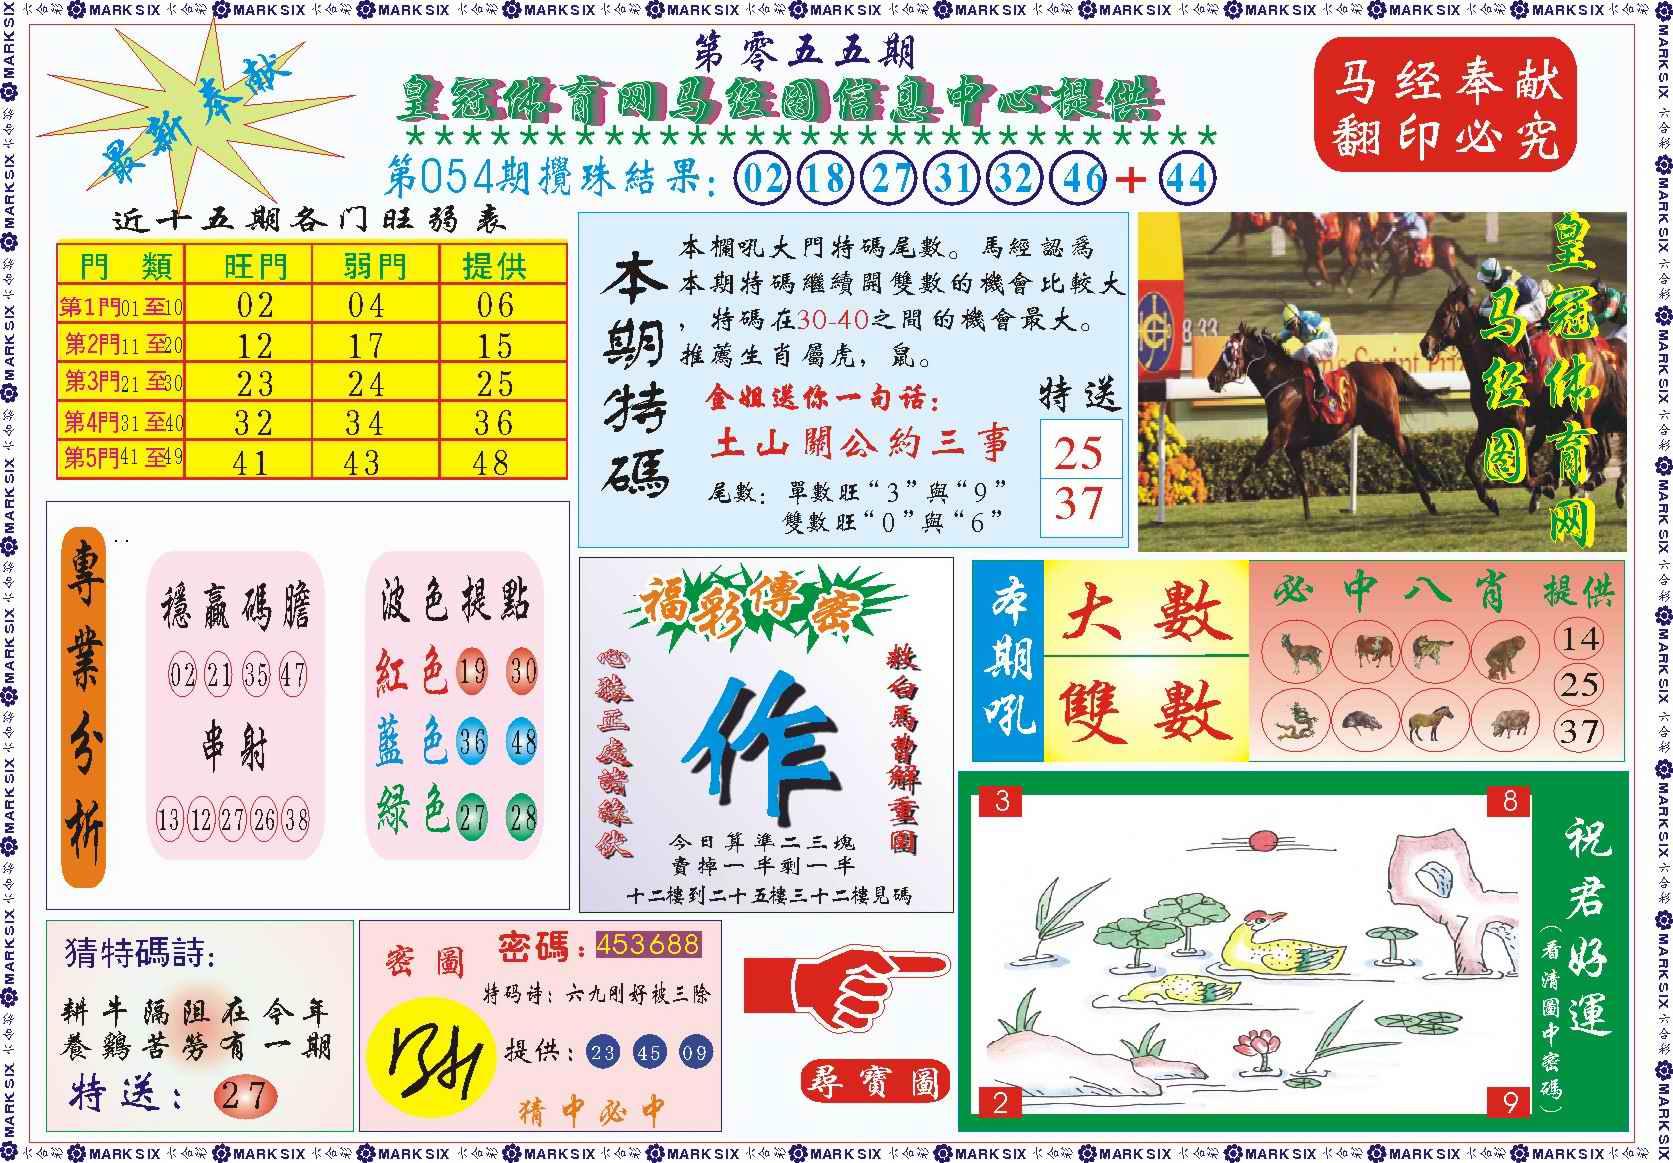 055期皇冠体育网马经图记录